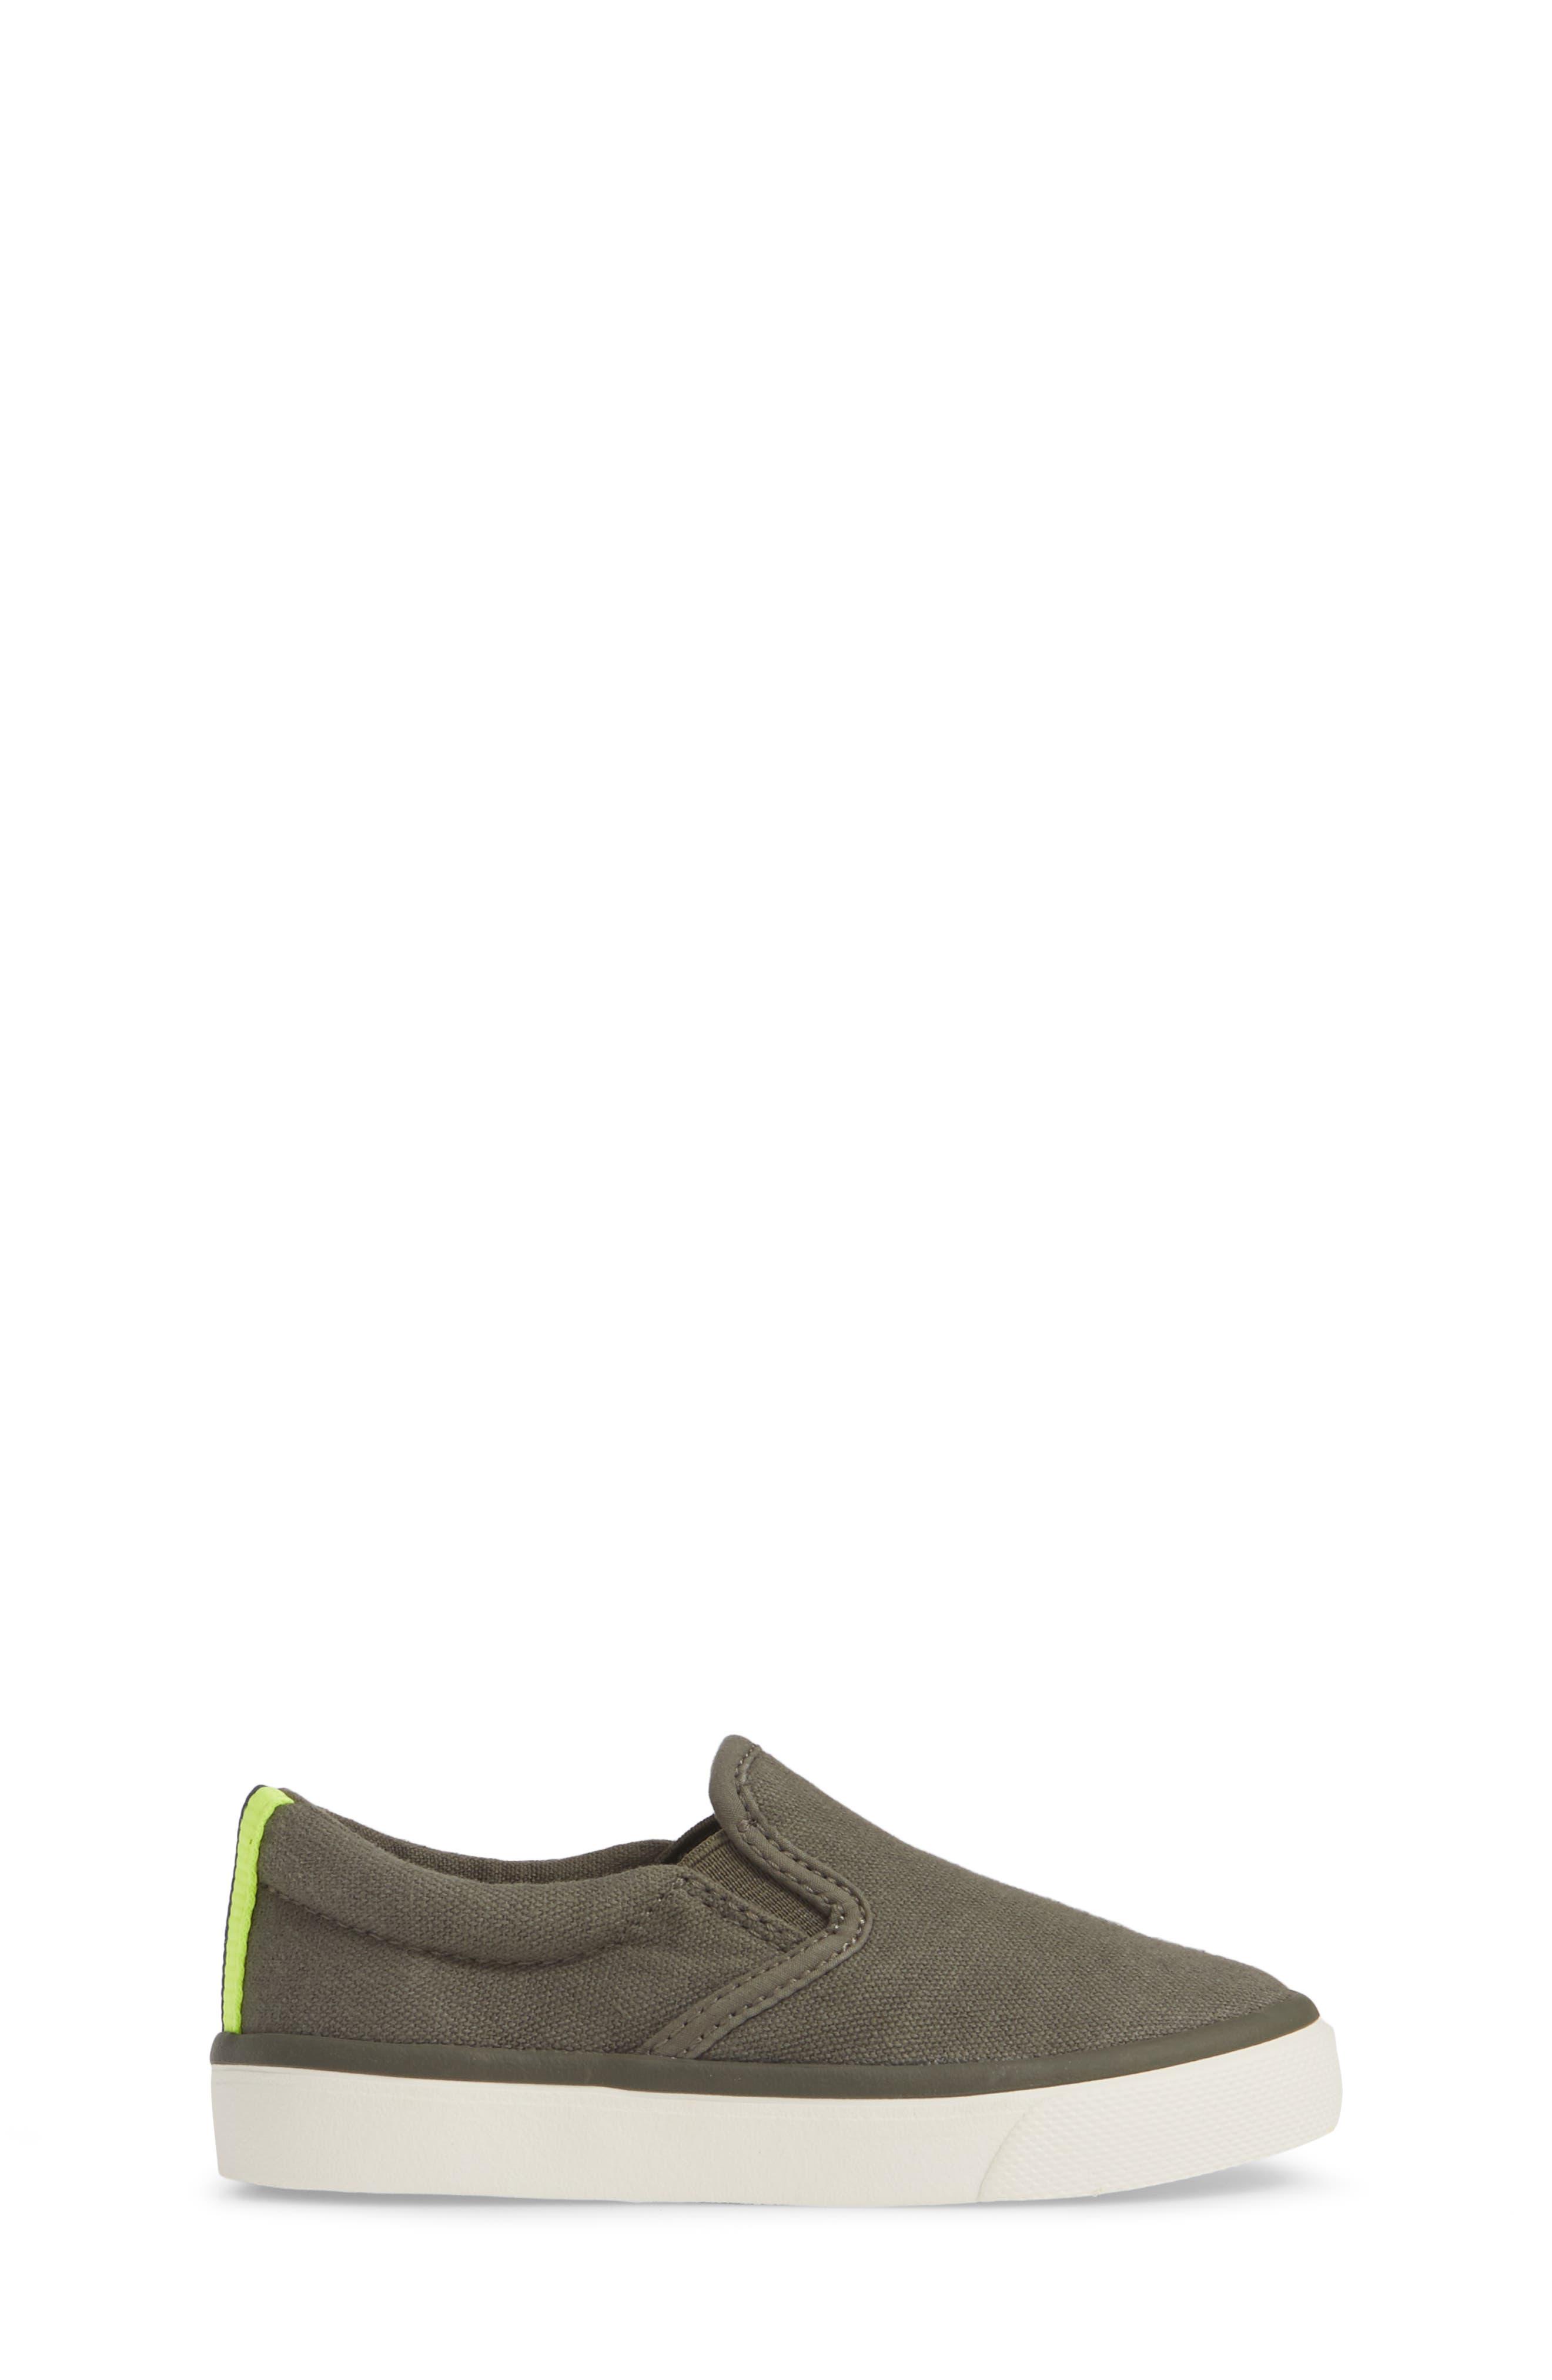 MINI BODEN,                             Slip-On Sneaker,                             Alternate thumbnail 3, color,                             ARMY GREEN